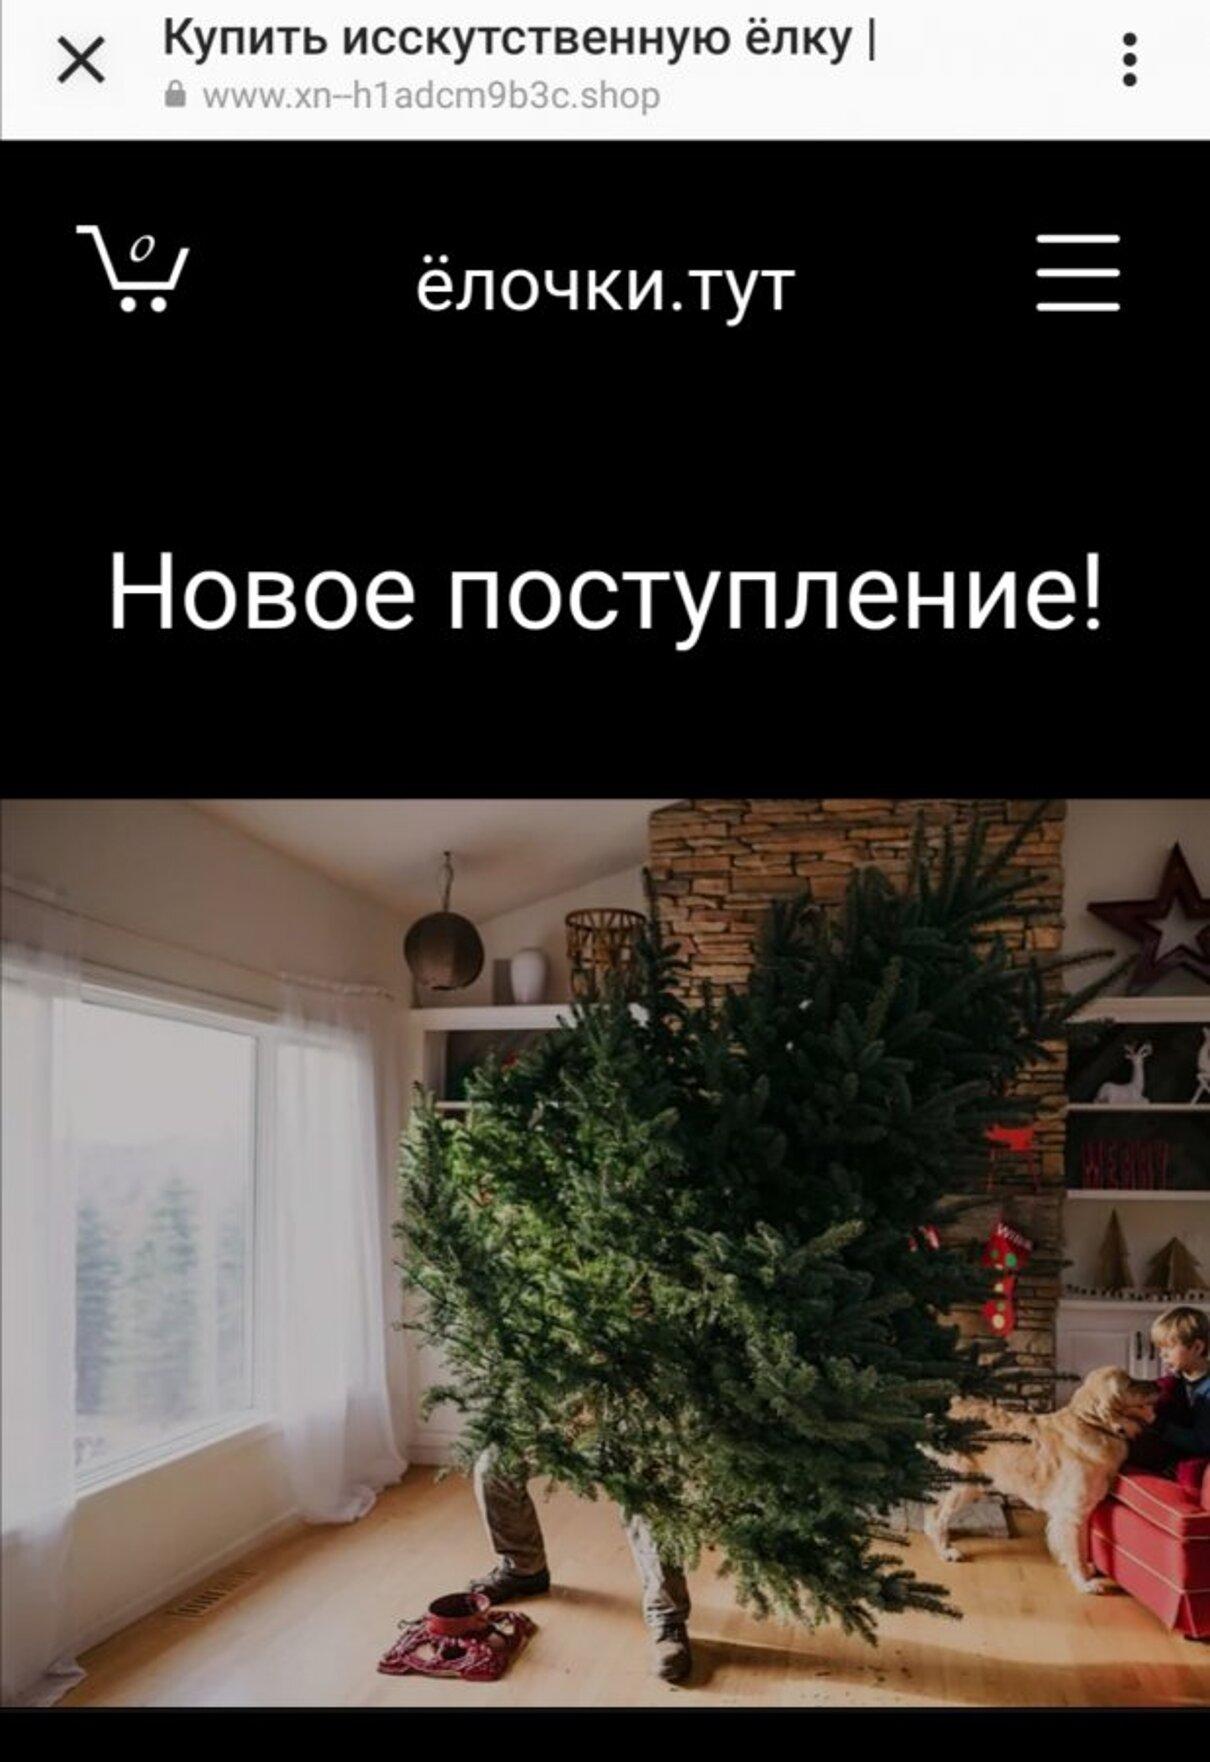 Жалоба-отзыв: www.ёлочки.shop - Мошенники продающие якобы ели.  Фото №1